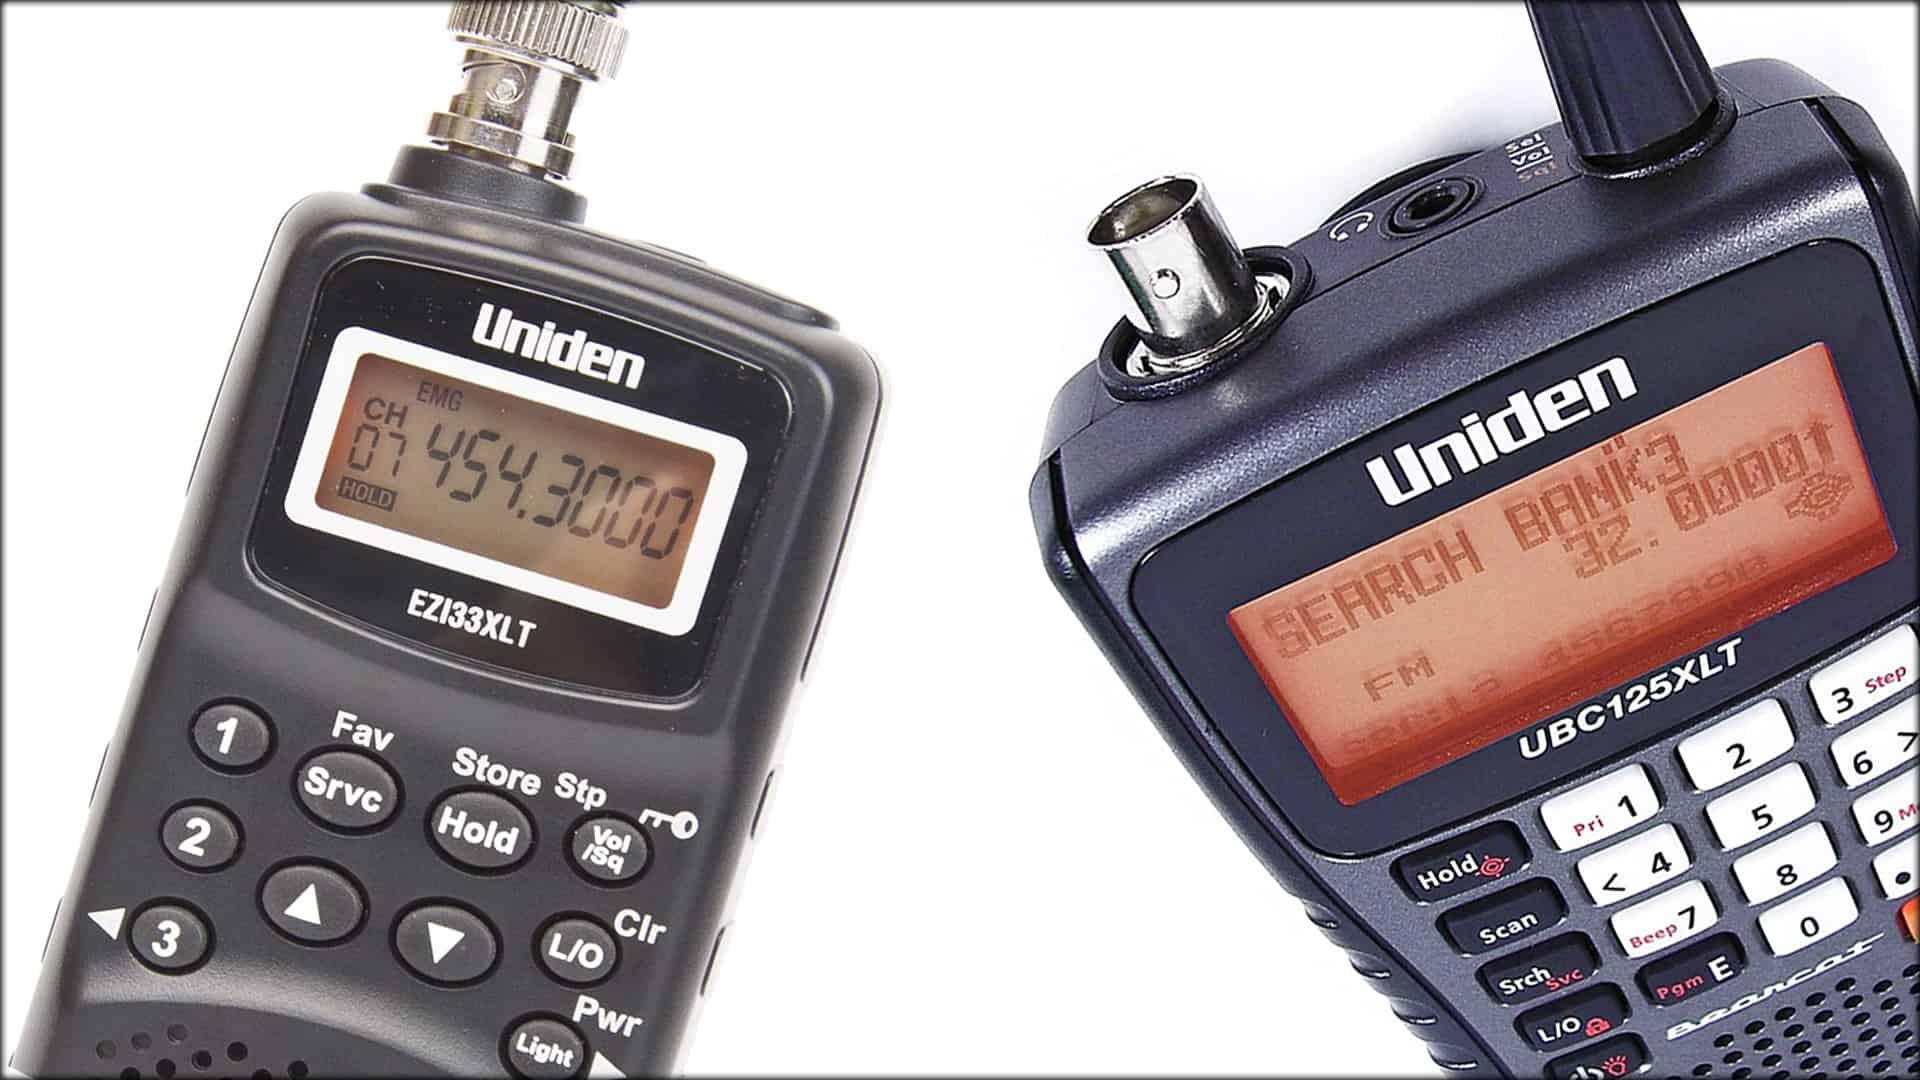 EZI33XLT vs UBC125XLT